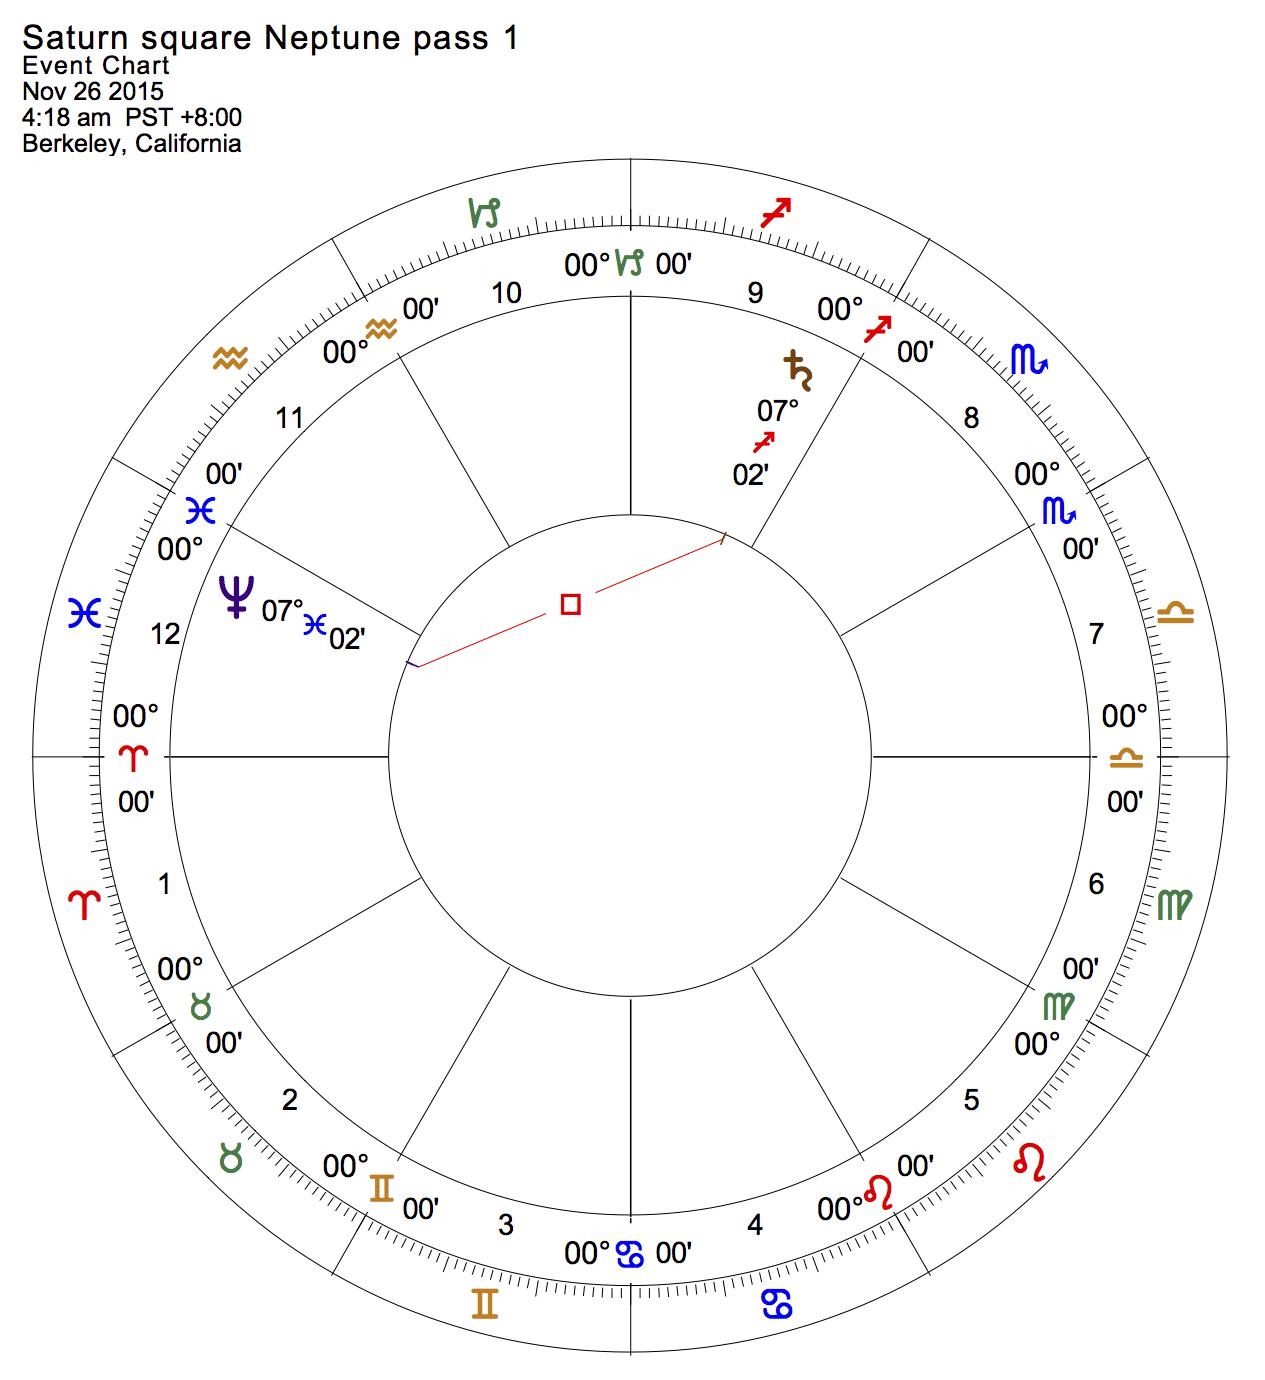 Saturn square Neptune, pass 1